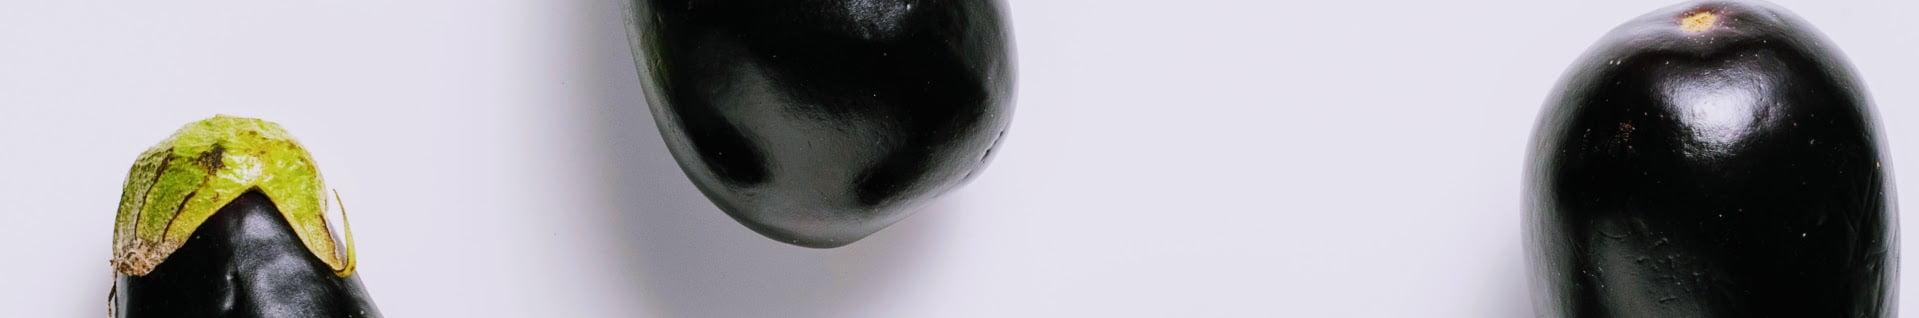 Bakłażan potrawy